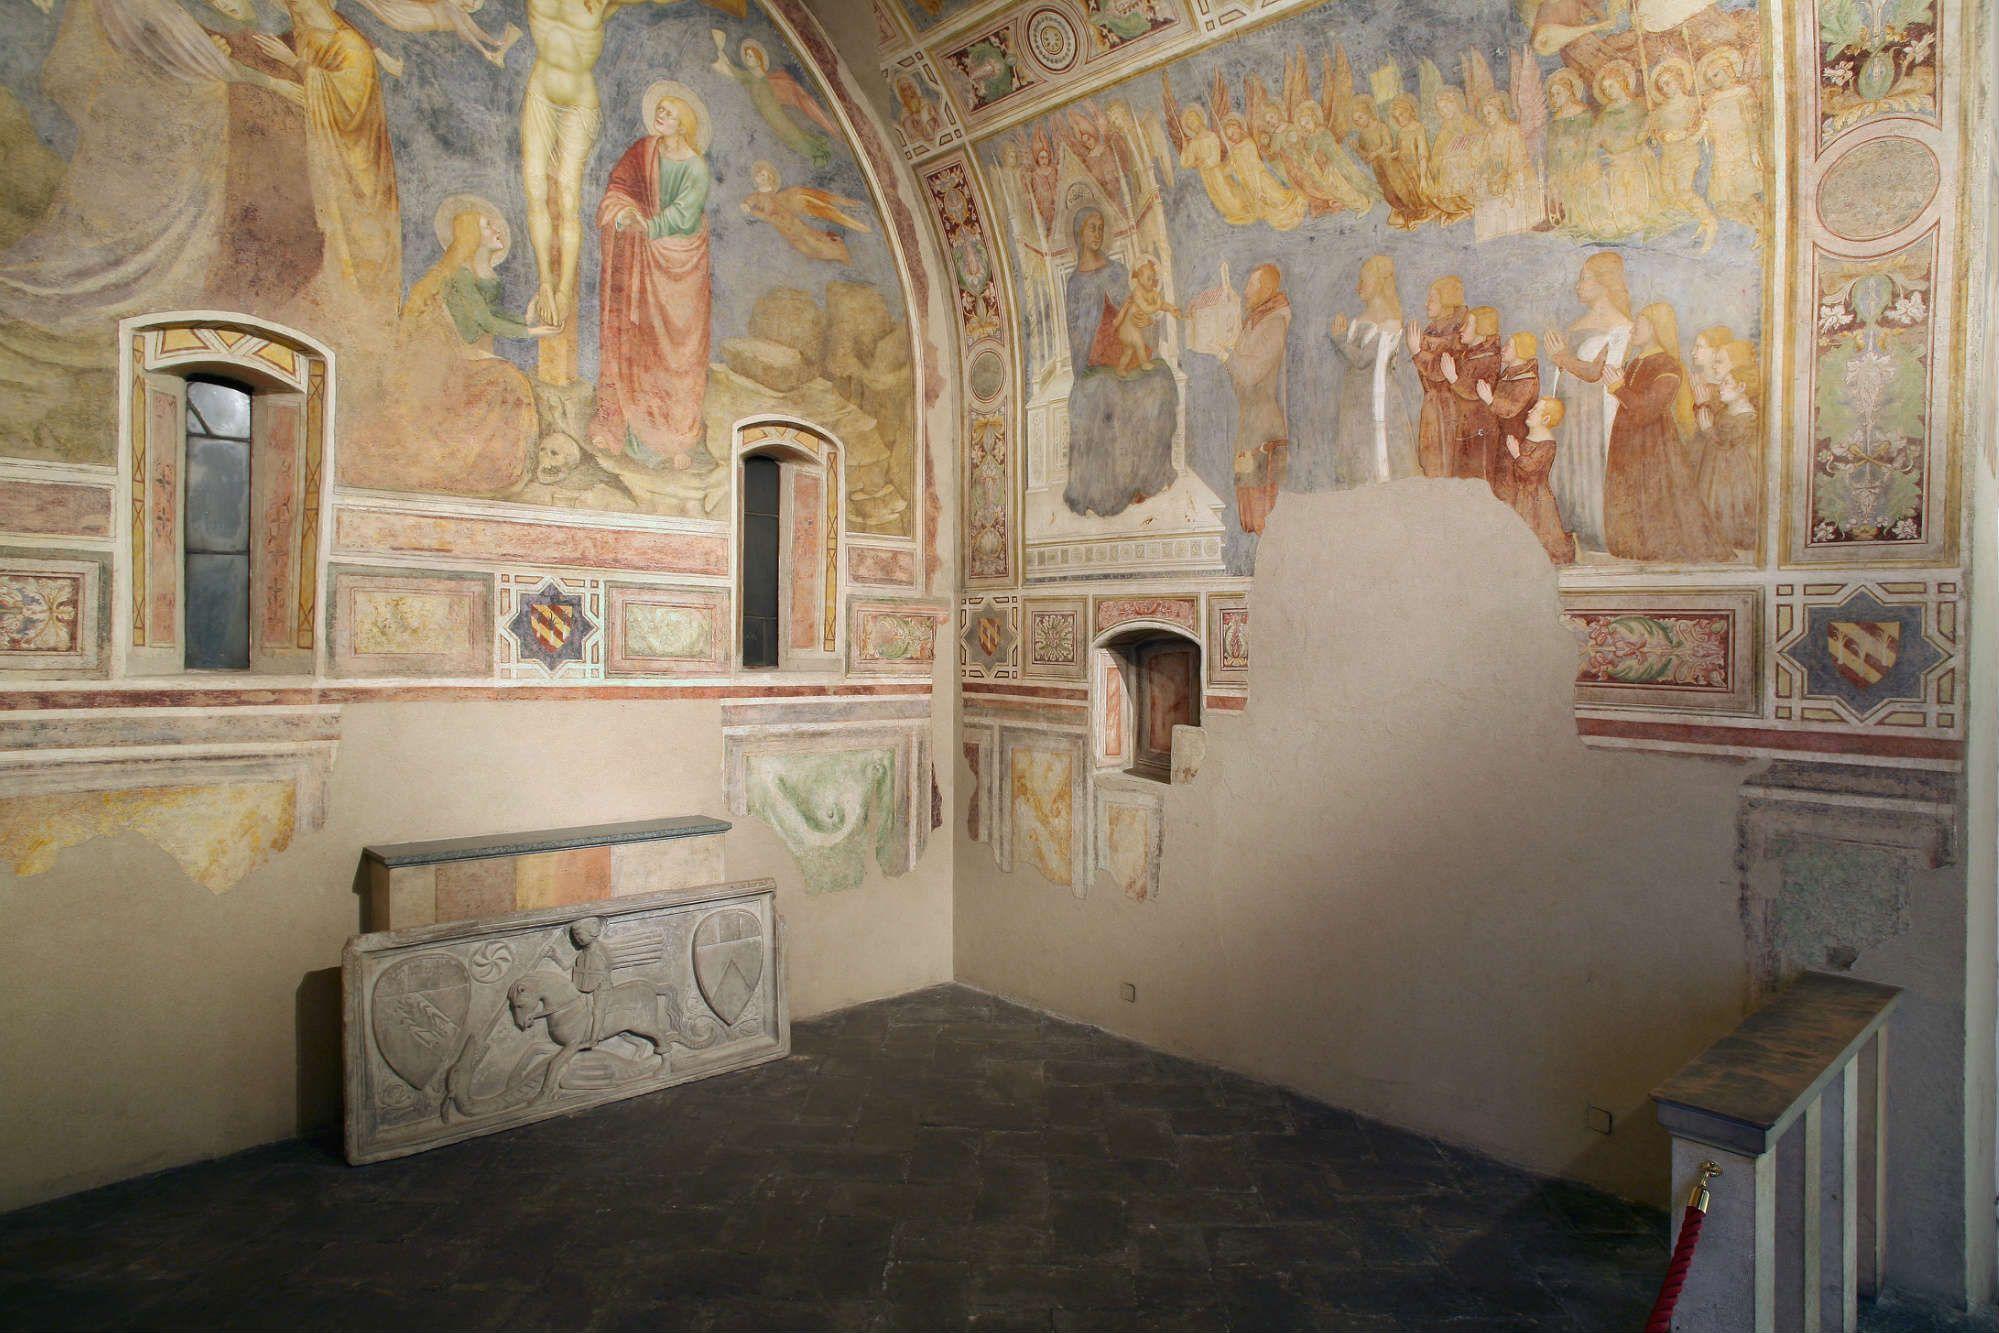 1378 Count Lanfranco Porro capella in Mocchirolo, Brera, Milan, mur gauche droite le comte et sa famille